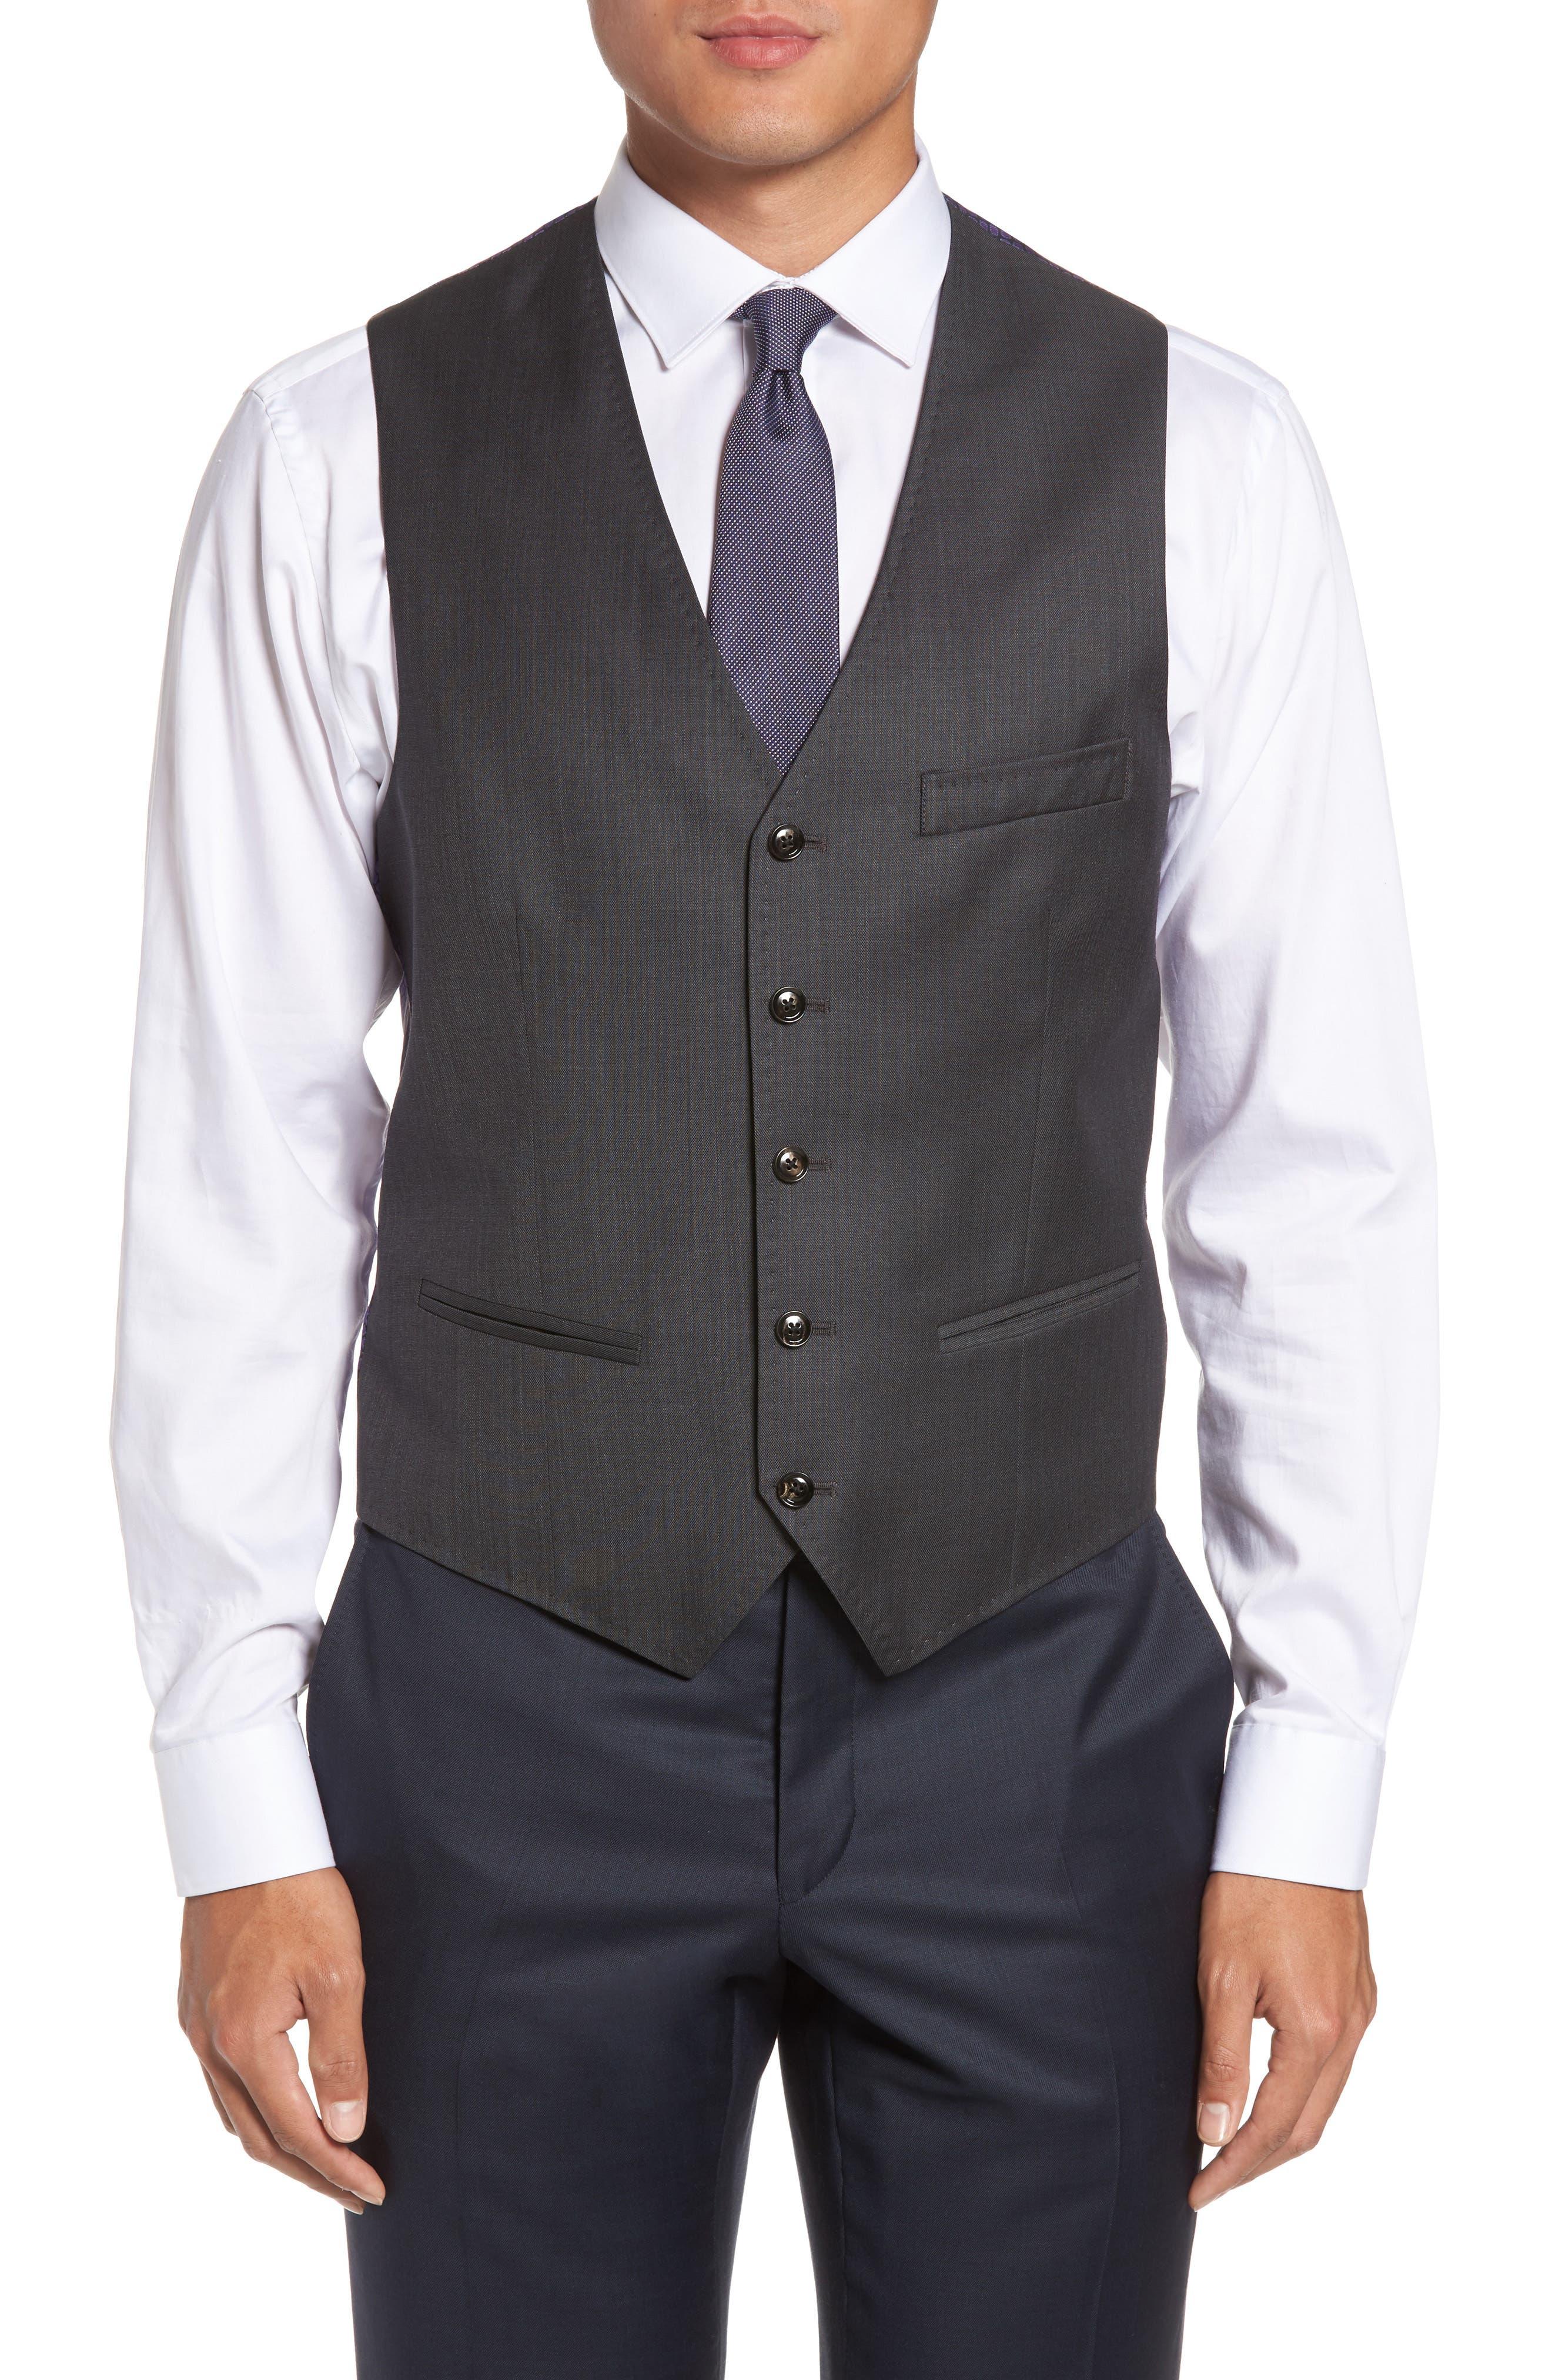 8c7e2ba3fe1e4f Mens Suit Vests